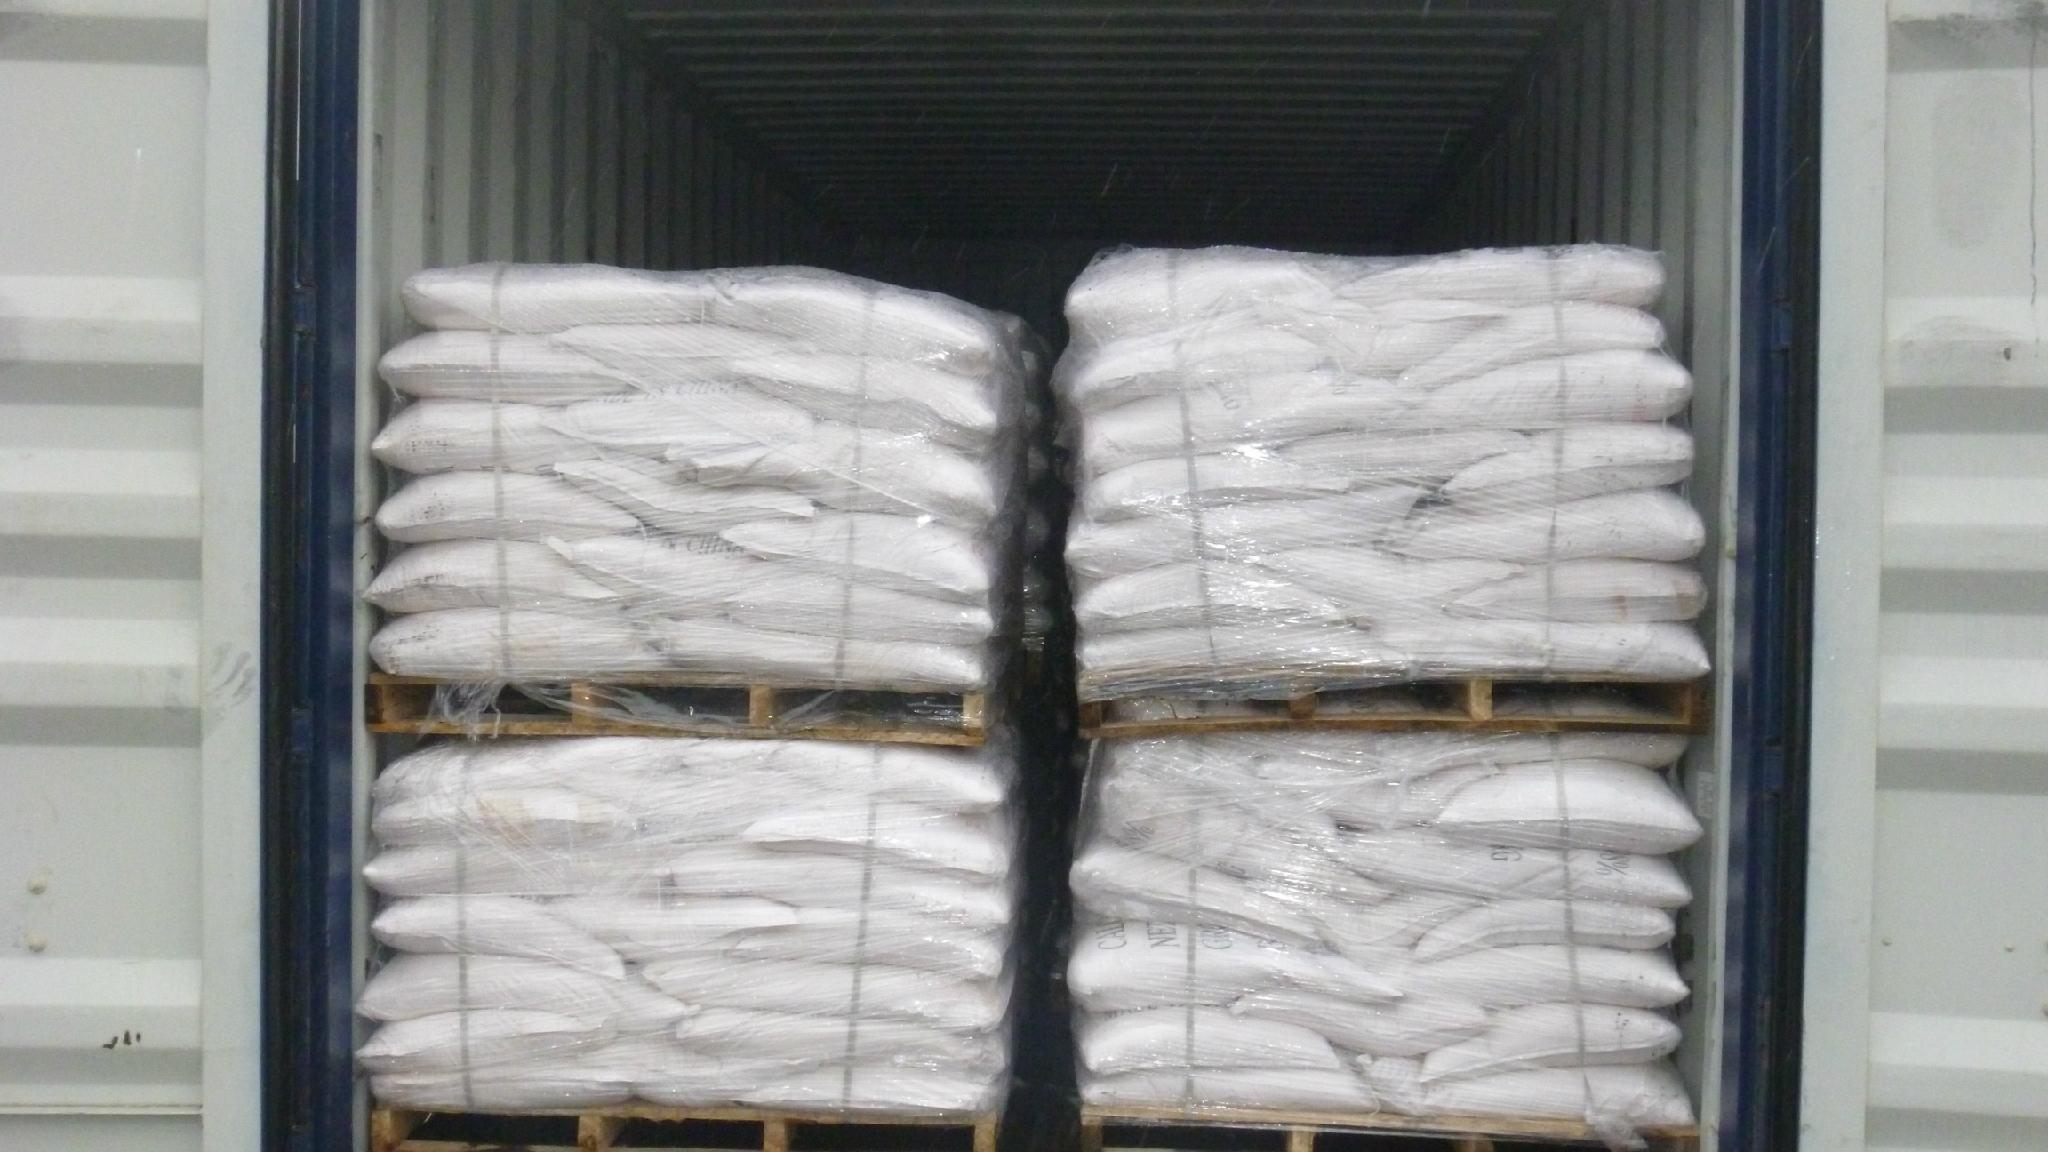 甲酸鈣(用於水泥砂漿混泥土速凝劑) 5